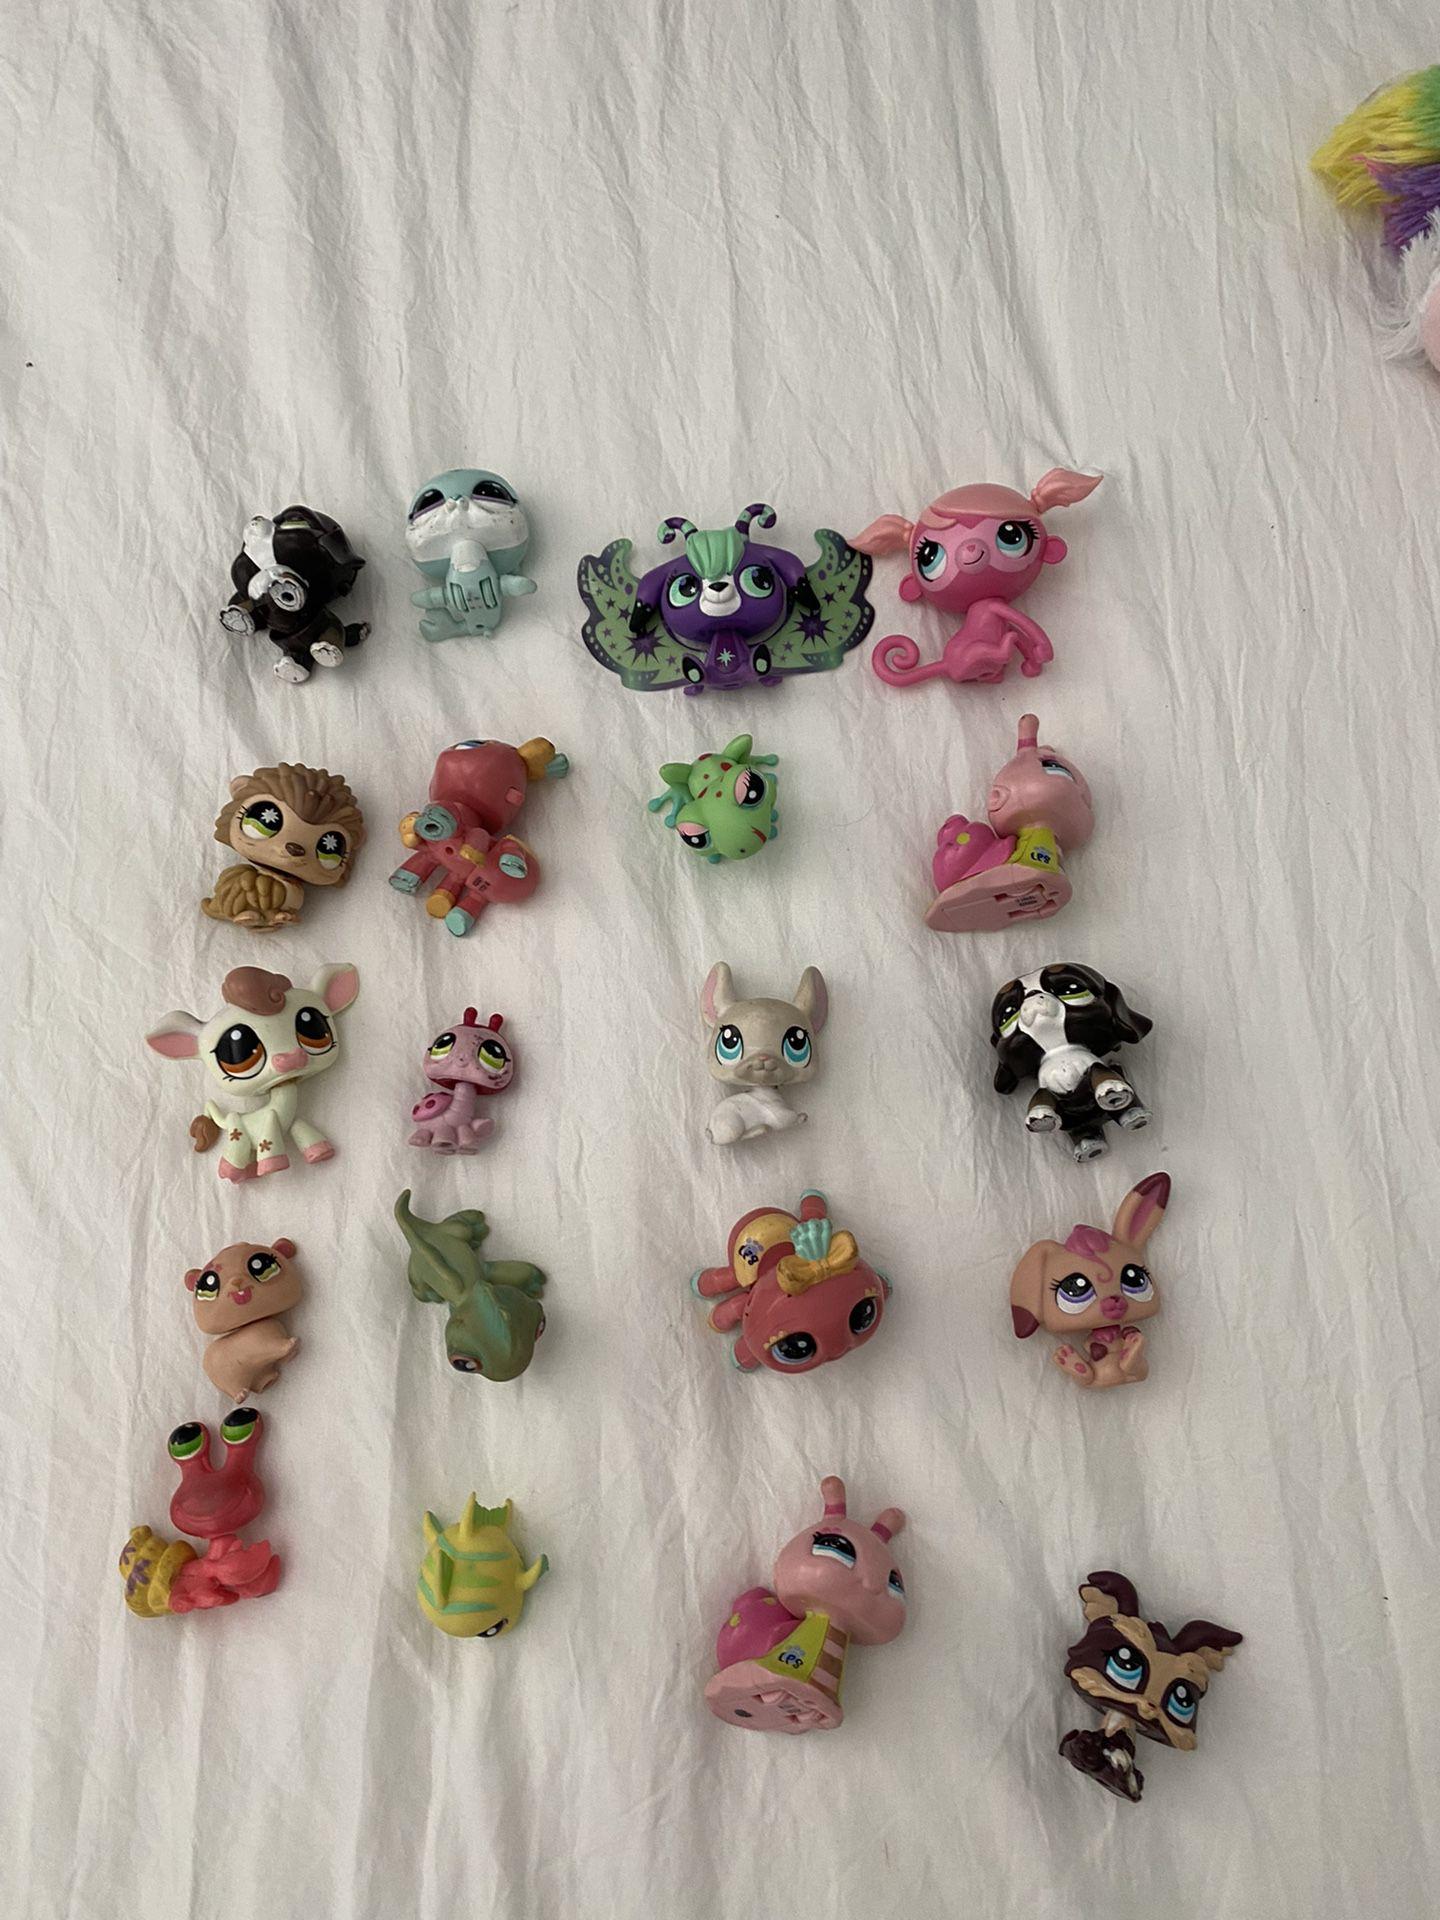 Littlest Pet Shop Lps Toy 20 Pieces